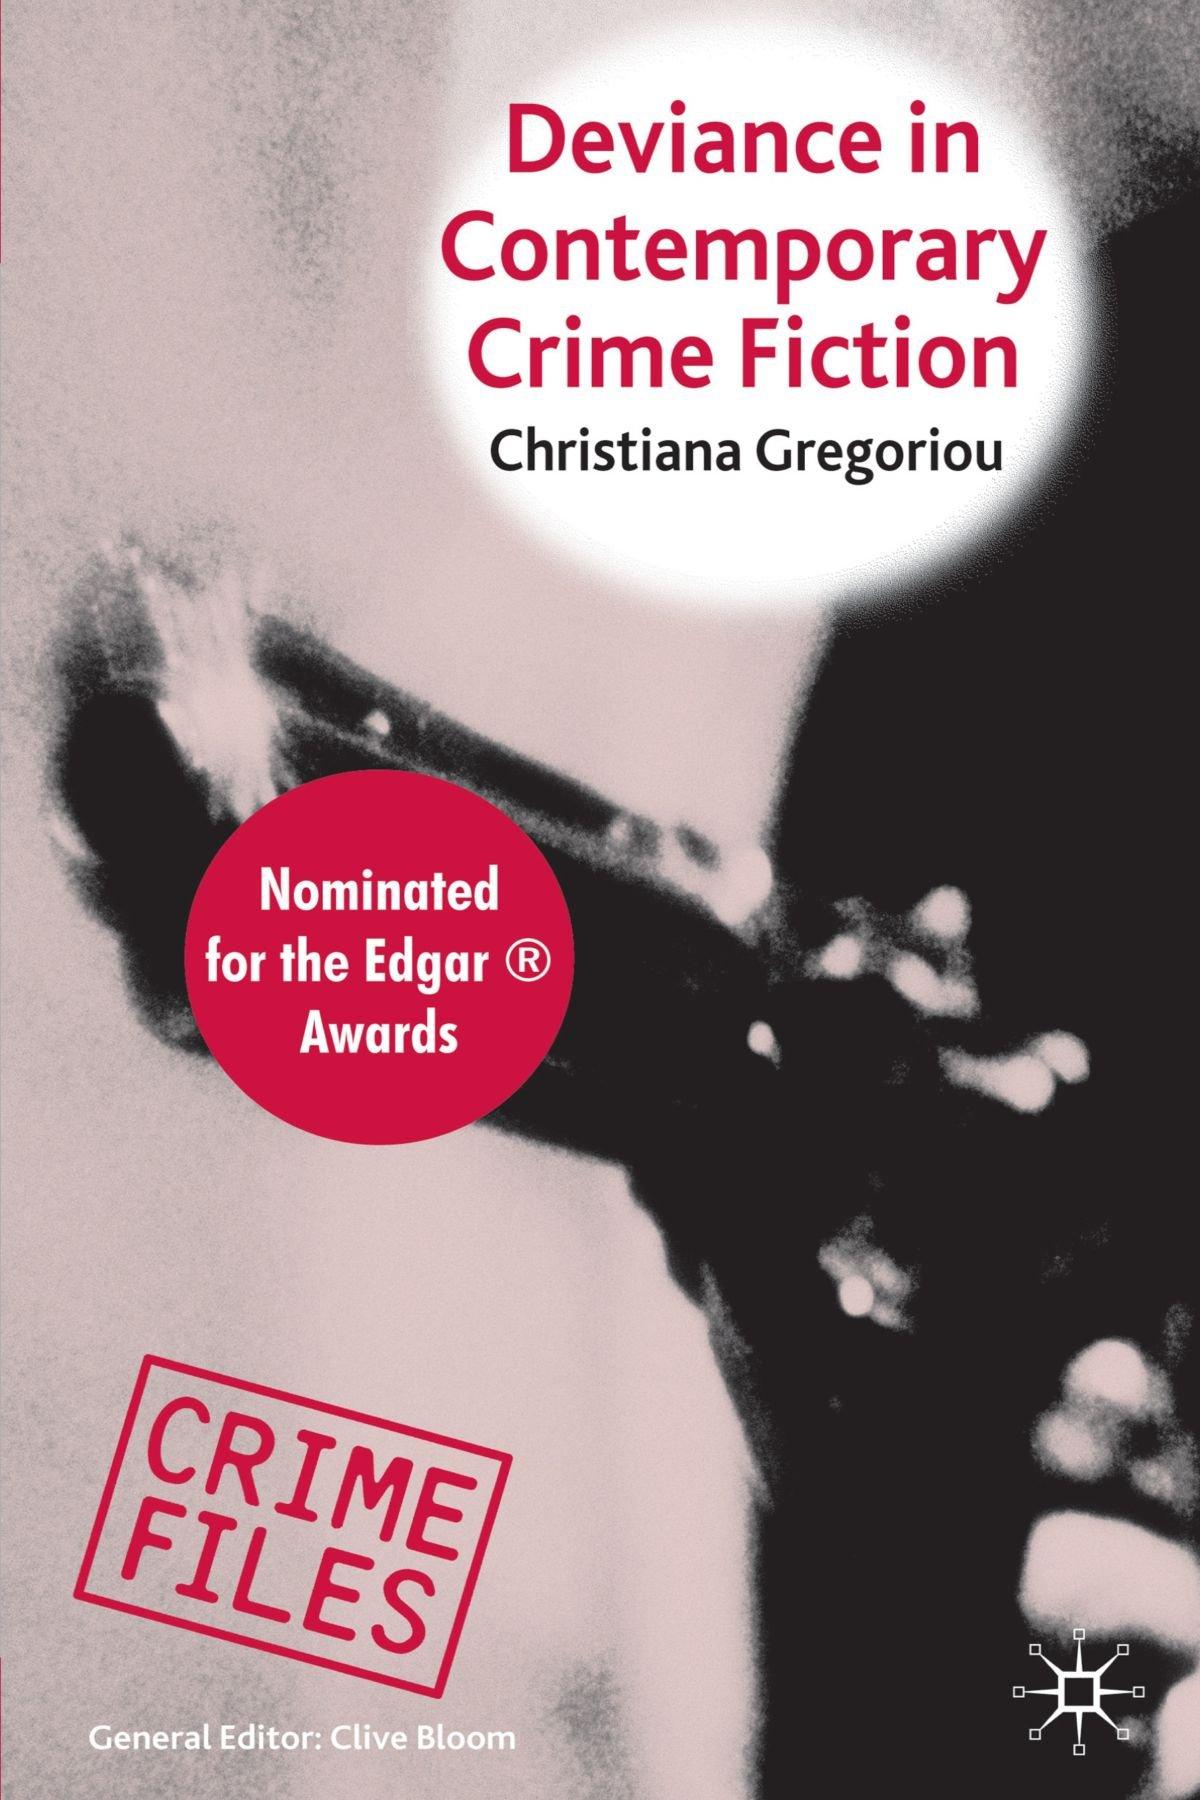 plagiarism a serious crime essay